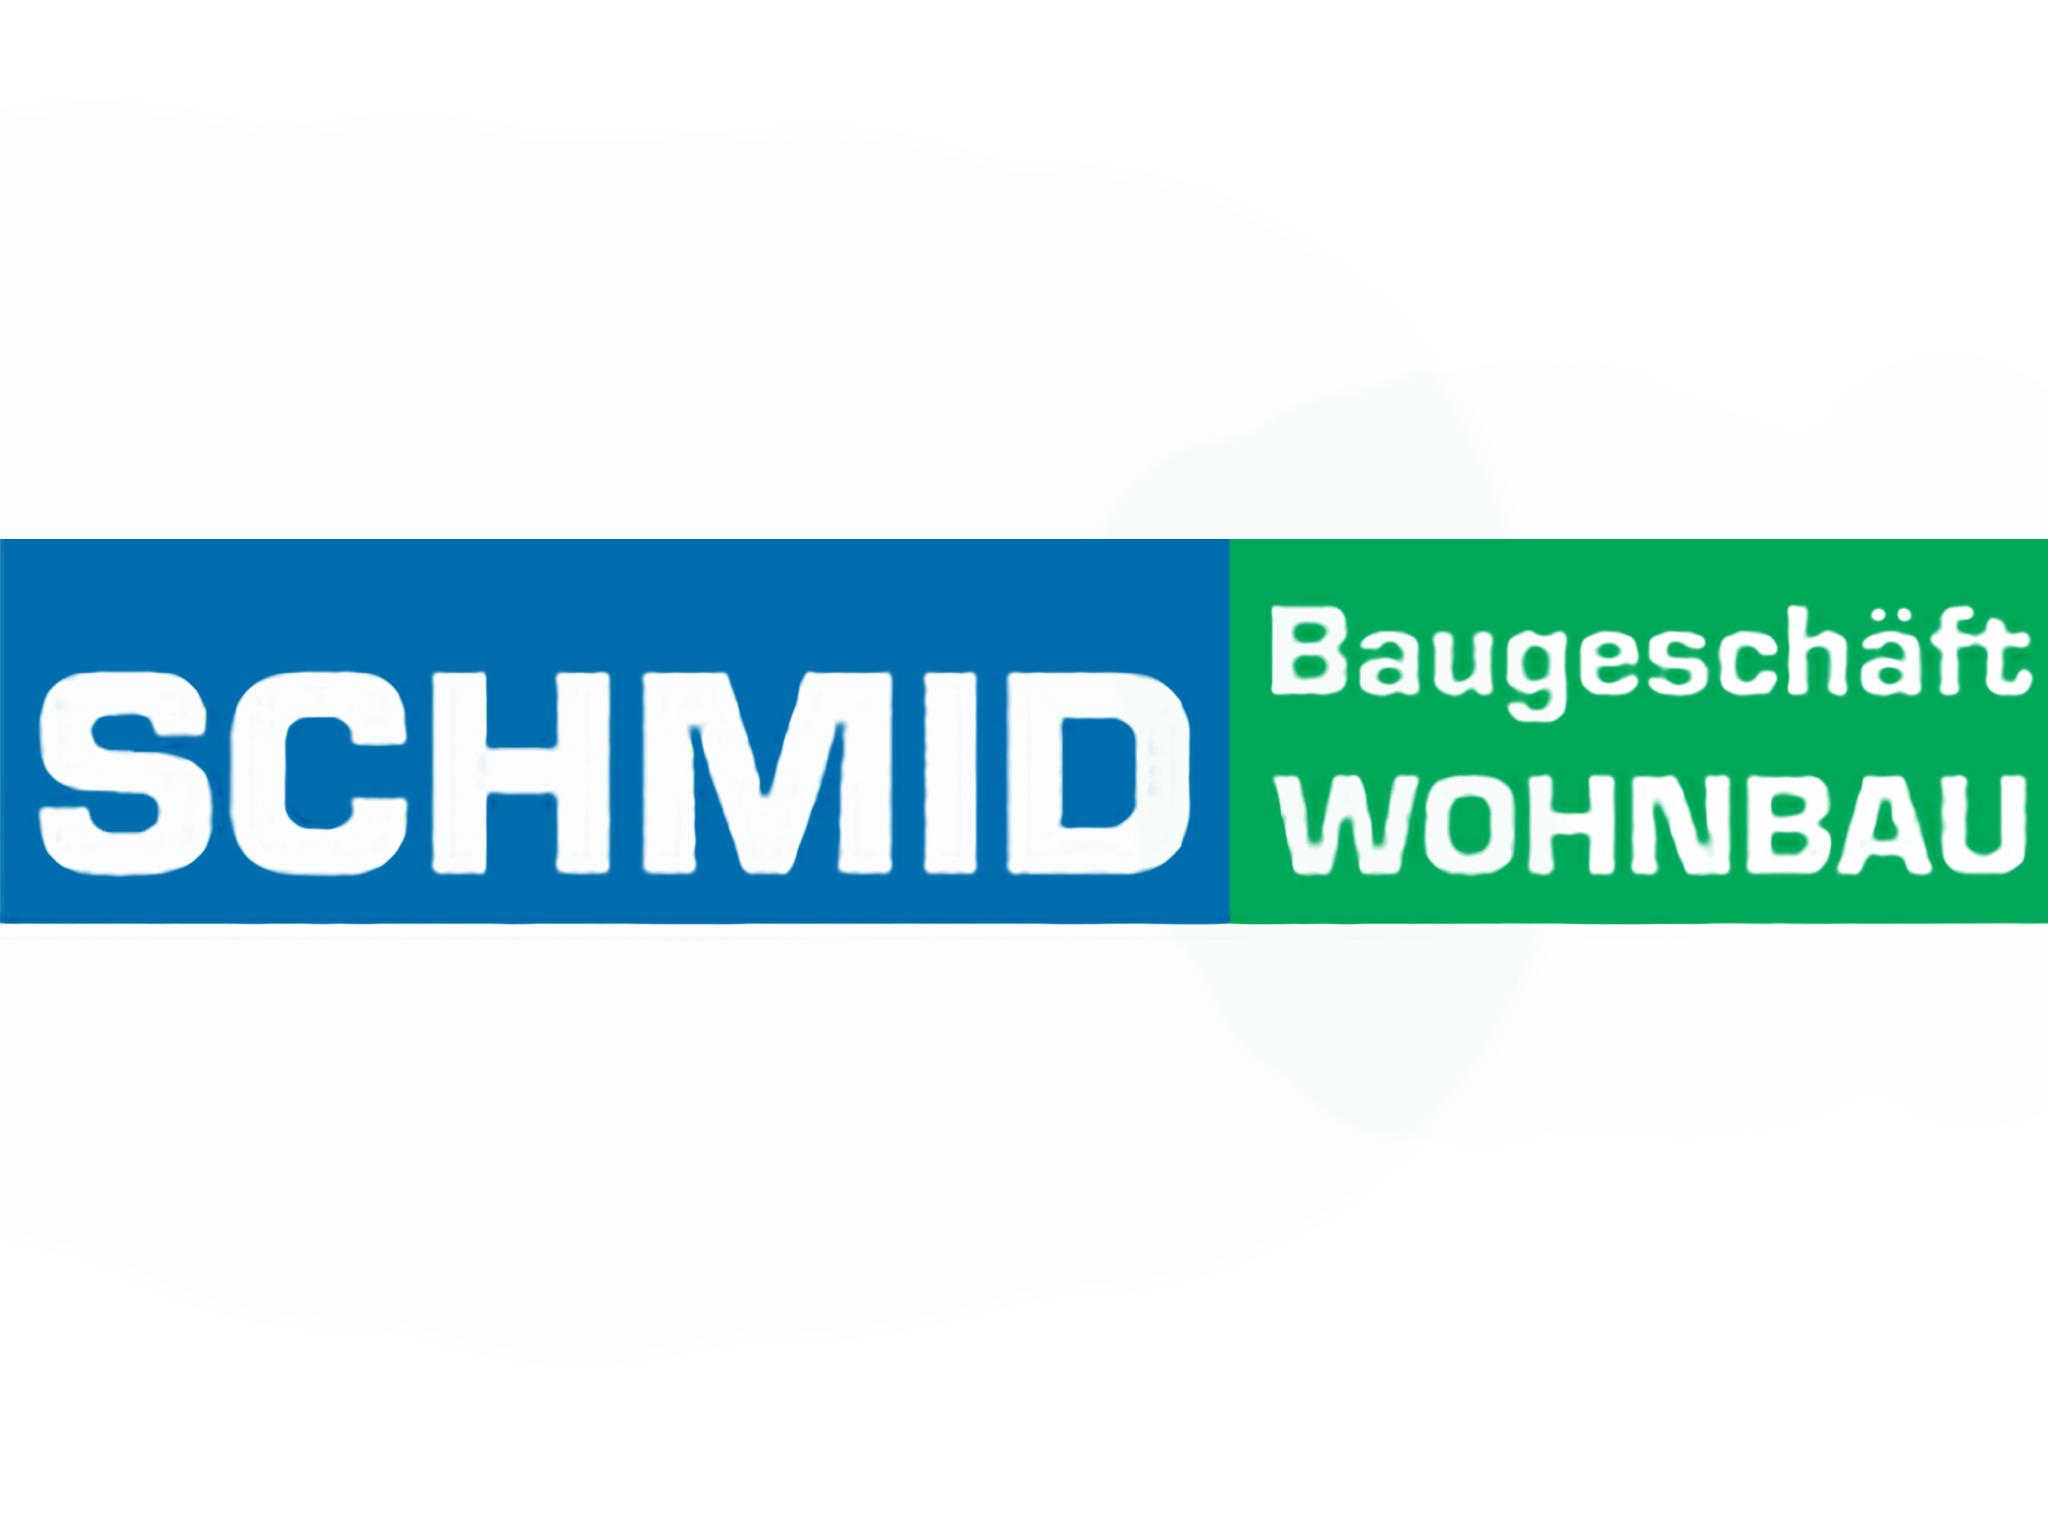 Schmid Baugeschäft